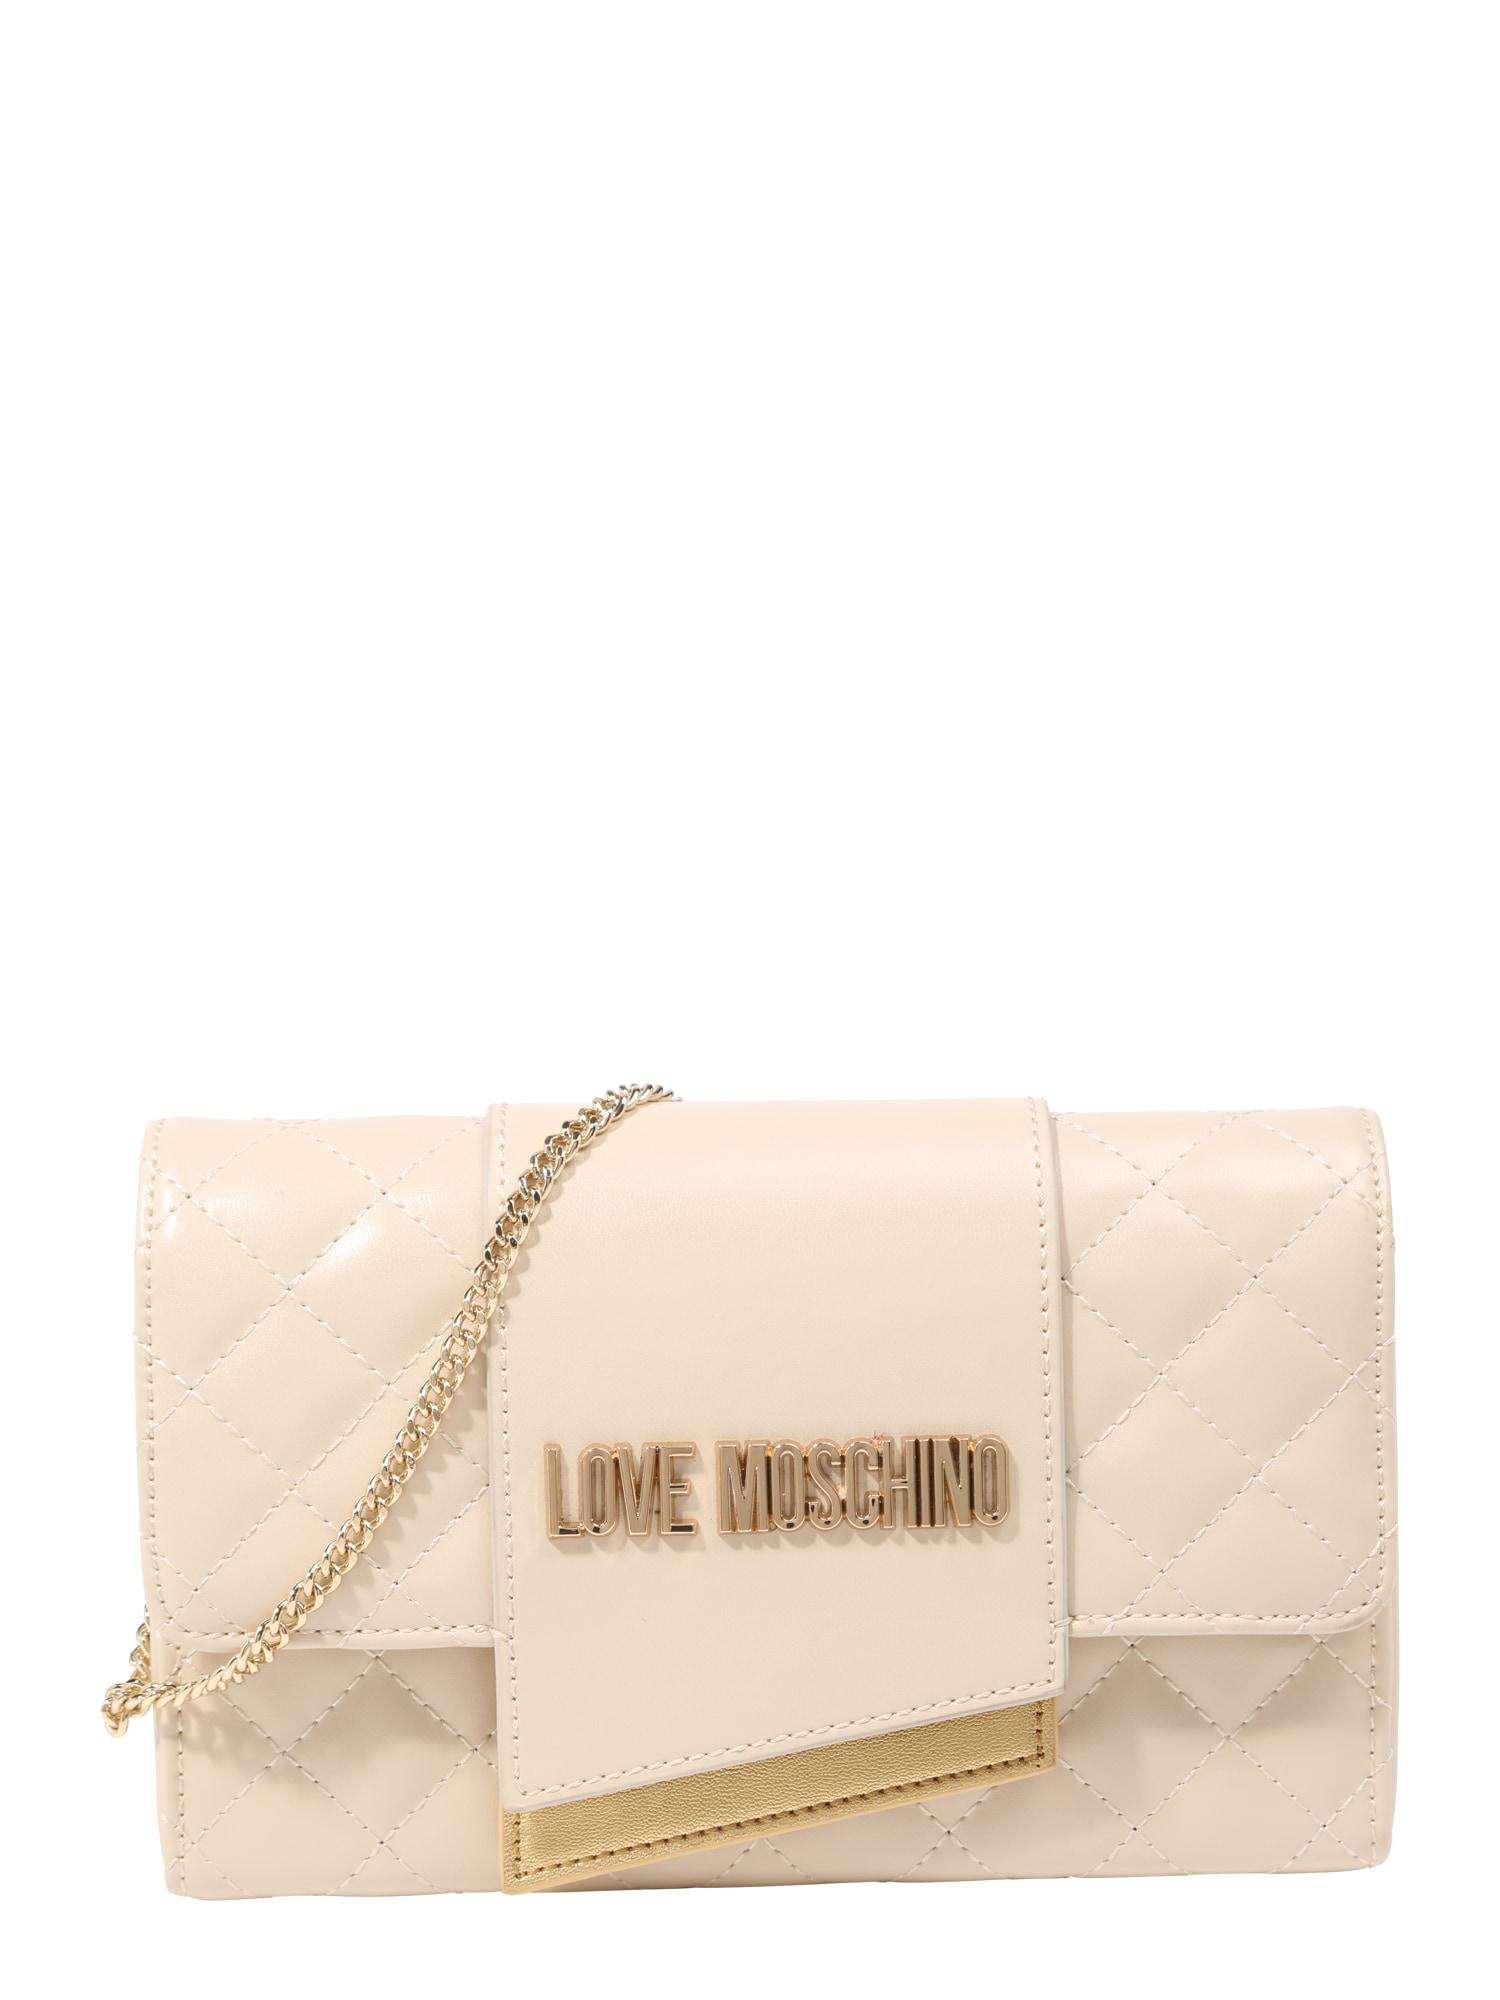 Taška přes rameno béžová zlatá Love Moschino